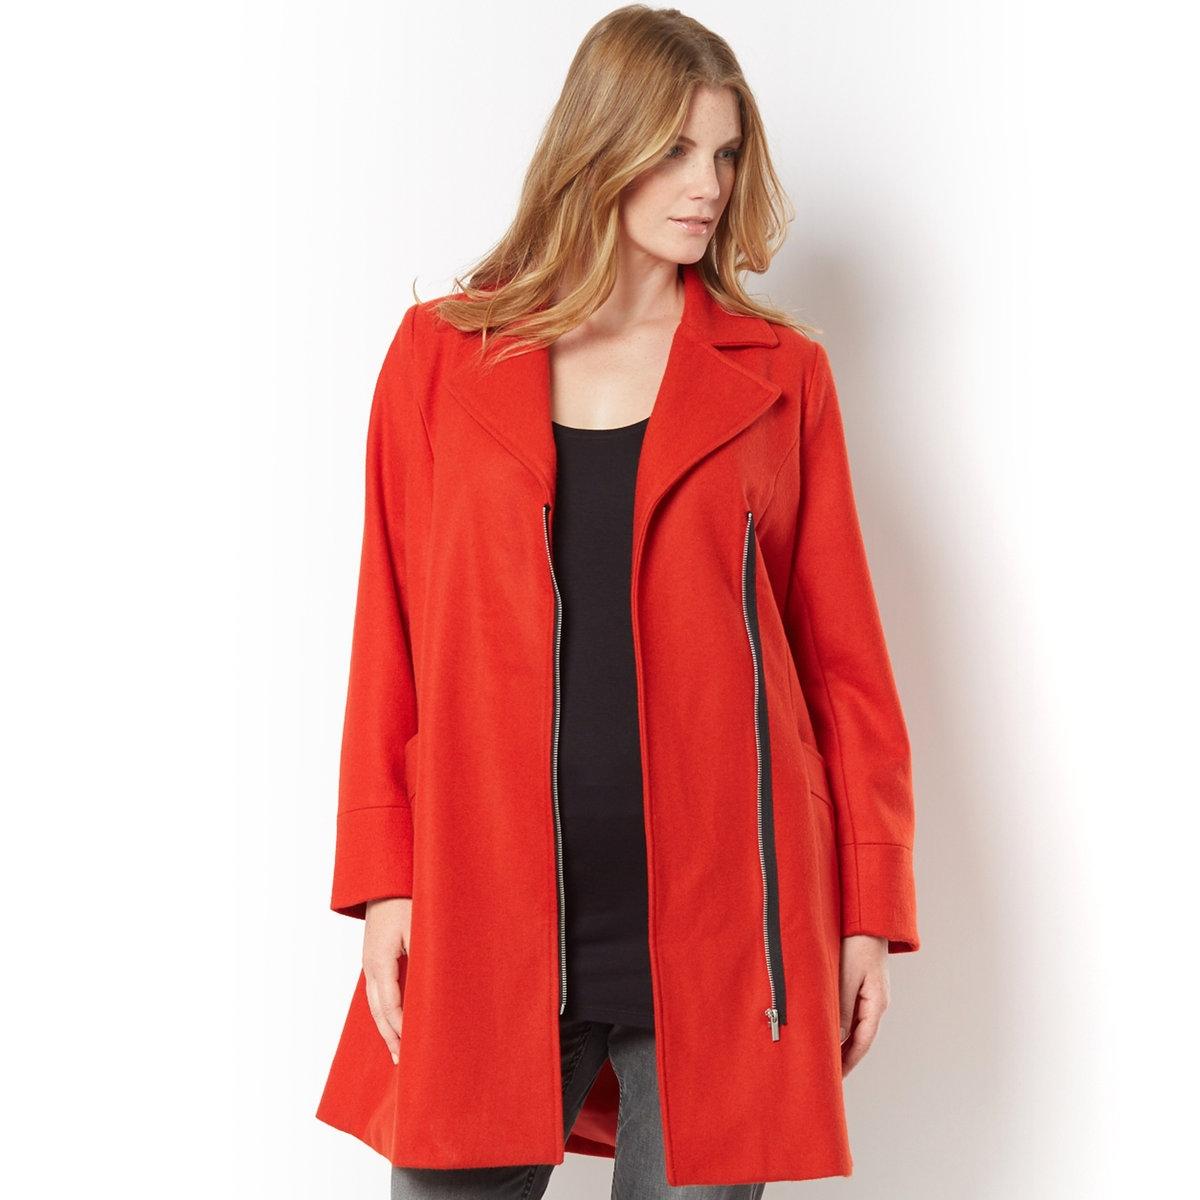 Пальто в байкерском стиле – TAILLISSIMEПальто в байкерском стиле - TAILLISSIME. Пальто прямого облегающего покроя в байкерском стиле, подчеркивающее фигуру. Большой воротник с отворотами, застежка на позолоченную металлическую молнию. 2 отрезных кармана. 60% шерсти, 20% полиэстера, 15% акрила, 5% других волокон. Подкладка из полиэстера. Длина 95 см<br><br>Цвет: оранжевый<br>Размер: 44 (FR) - 50 (RUS).46 (FR) - 52 (RUS).52 (FR) - 58 (RUS)